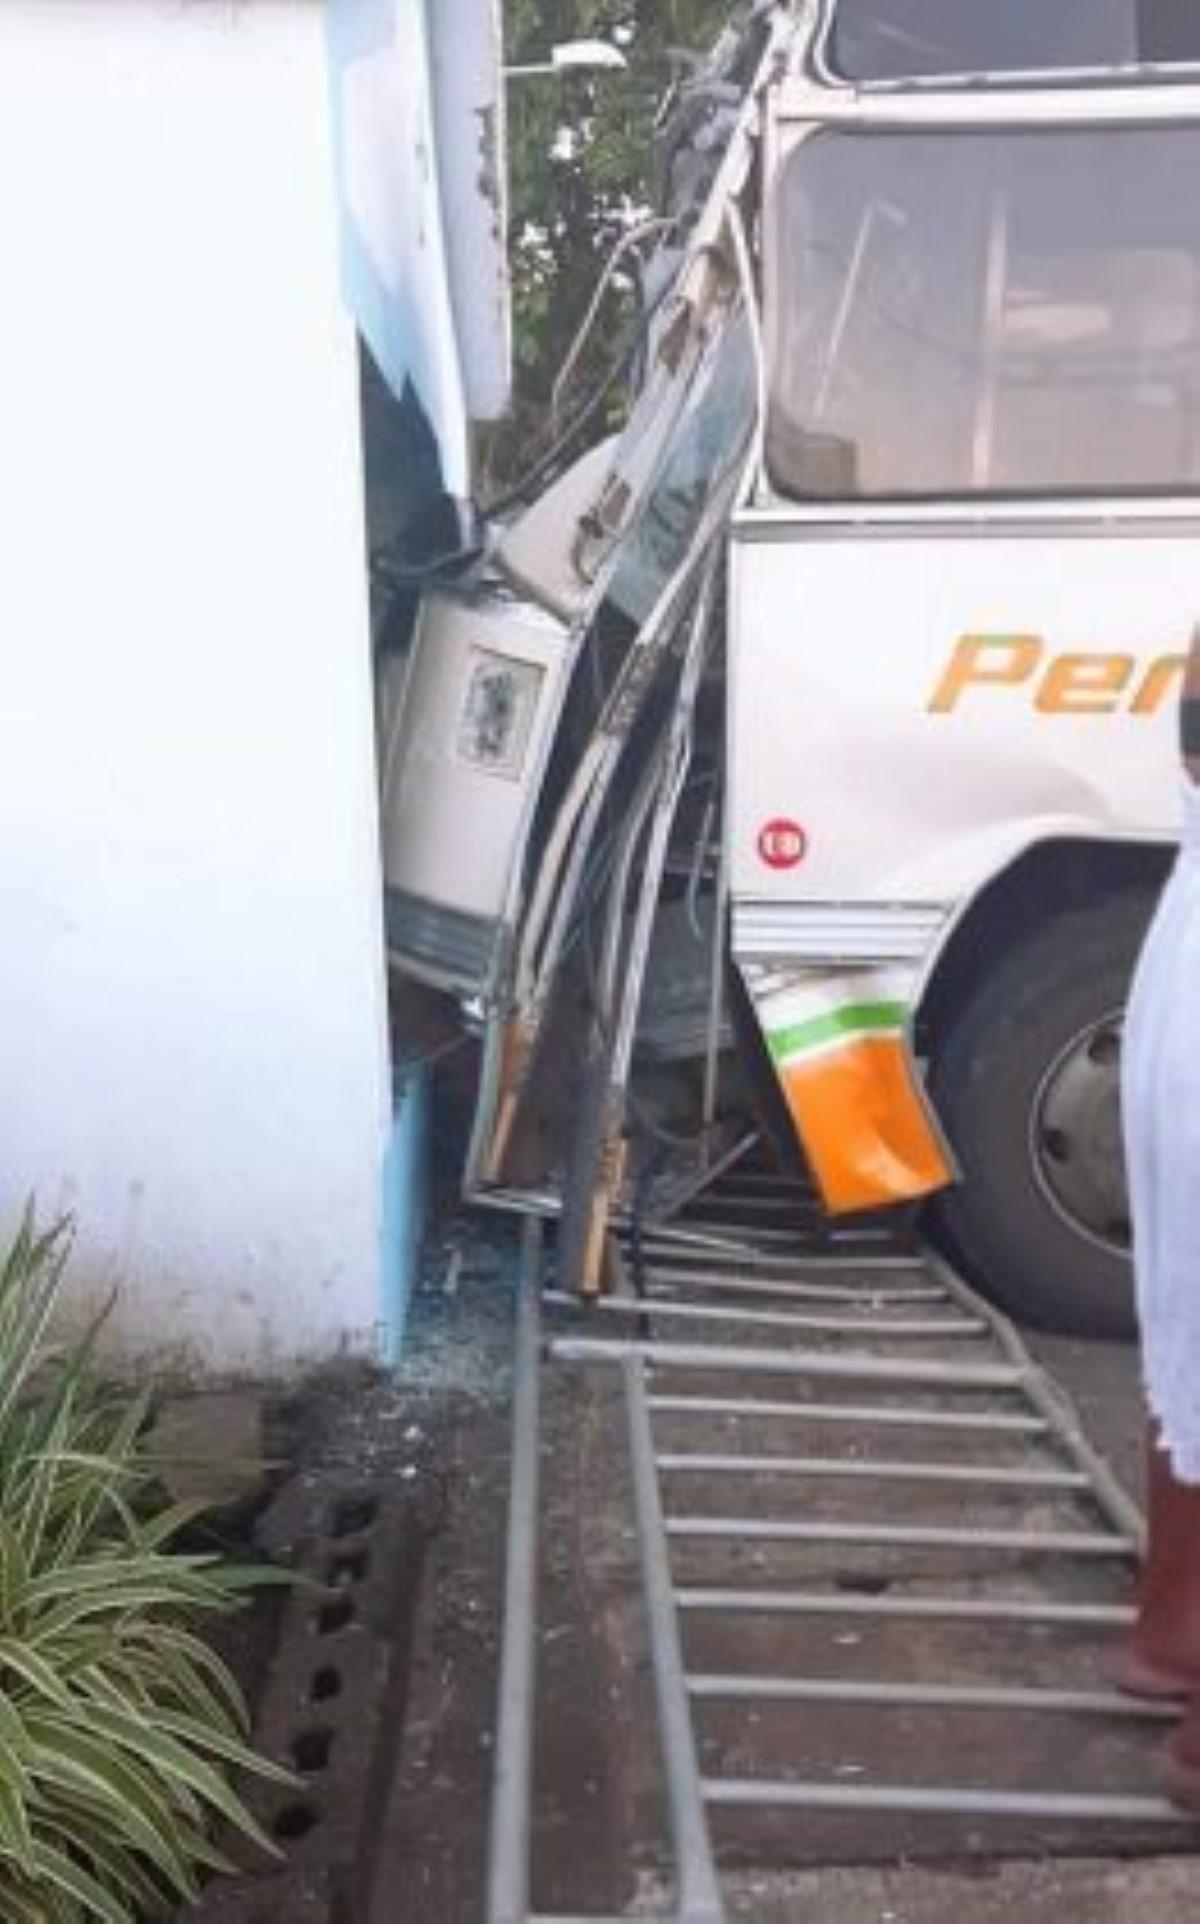 Rivière-des-Galets: un autobus dérape et fait treize blessés